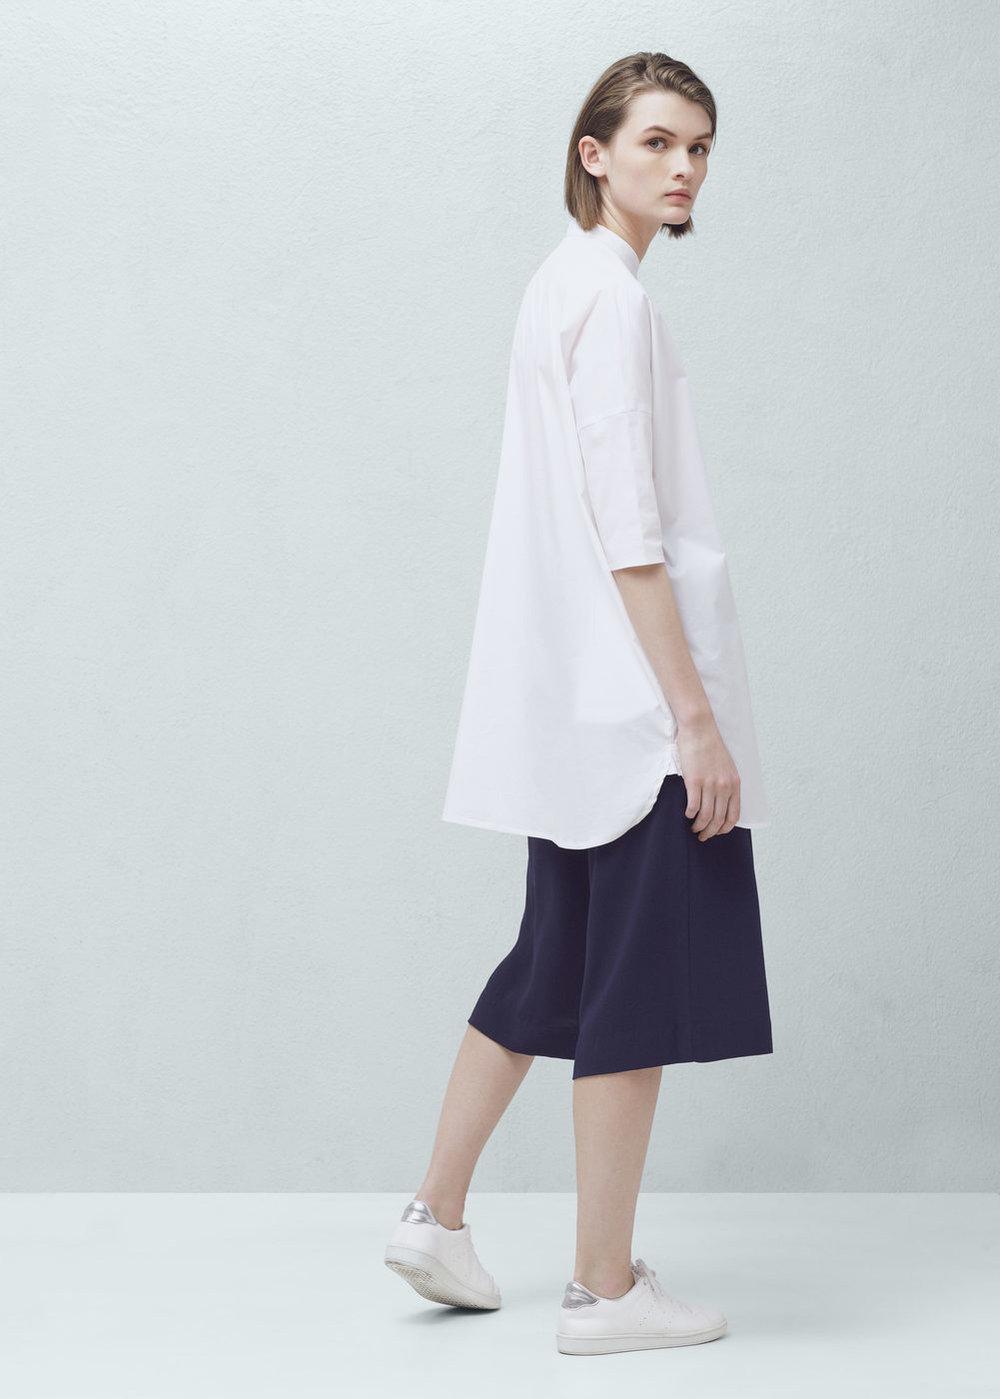 mango-shirt-5.jpg